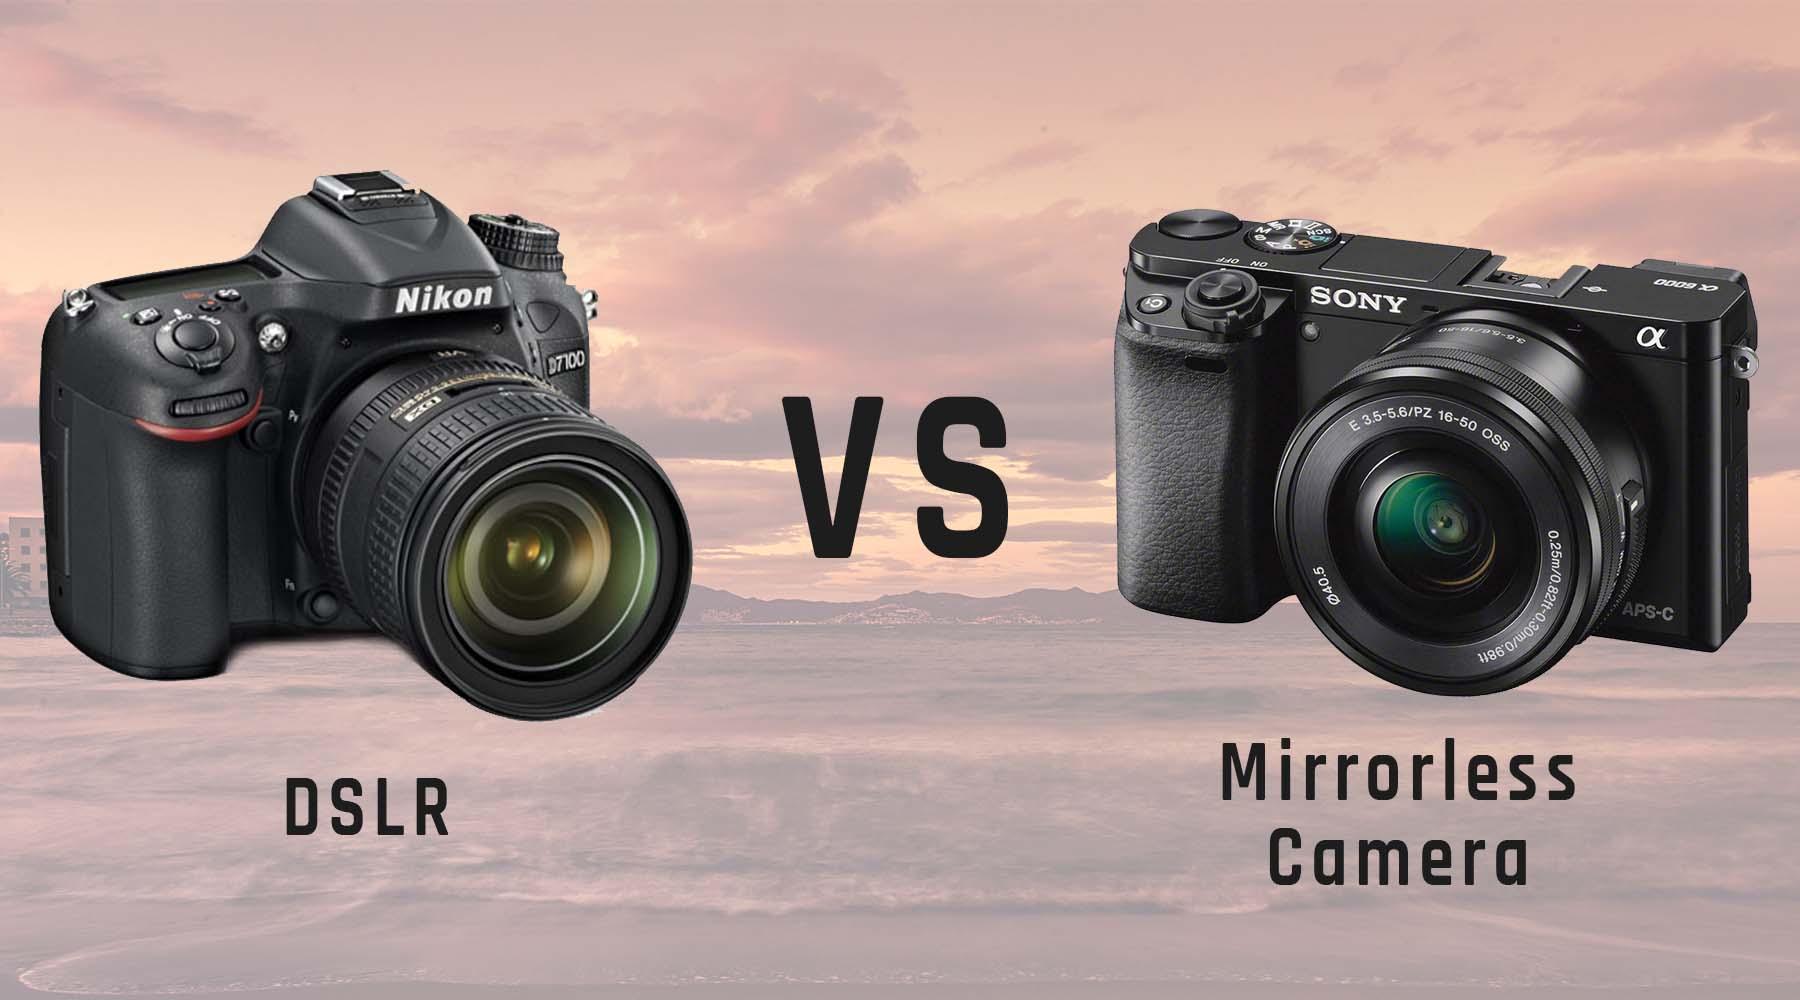 Sony a7 III: Cảm biến full frame 24MP \u0026 4K Mirrorless có giá 1.999 USD · Nikon xác nhận máy ảnh mirrorless full-frame mới sẽ ra mắt vào năm 2019